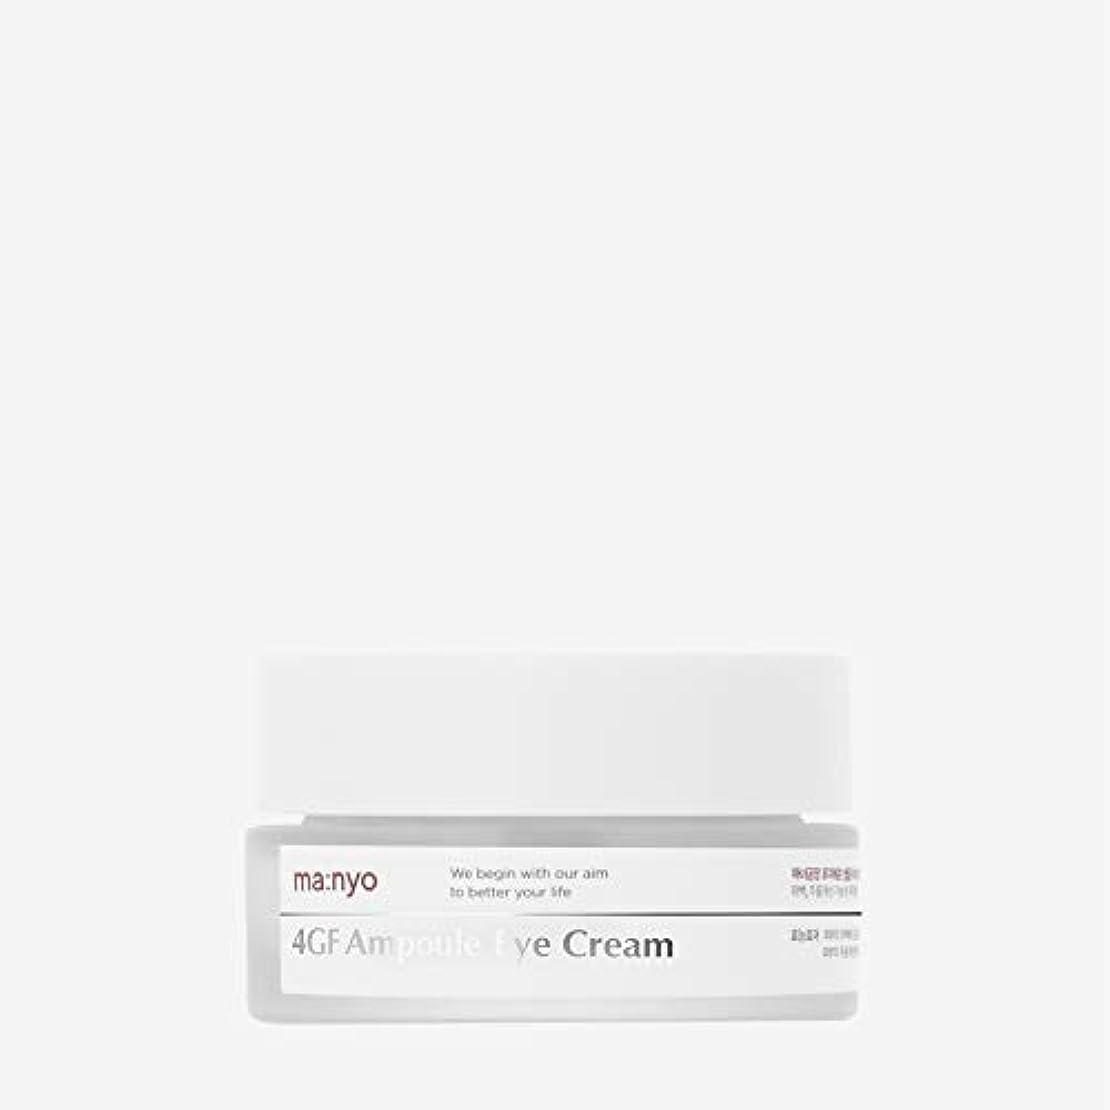 閃光十分に要求魔女工場(Manyo Factory) 4GFアイクリーム 30ml / 死ぬまでに1度は塗ってみたい、その成分